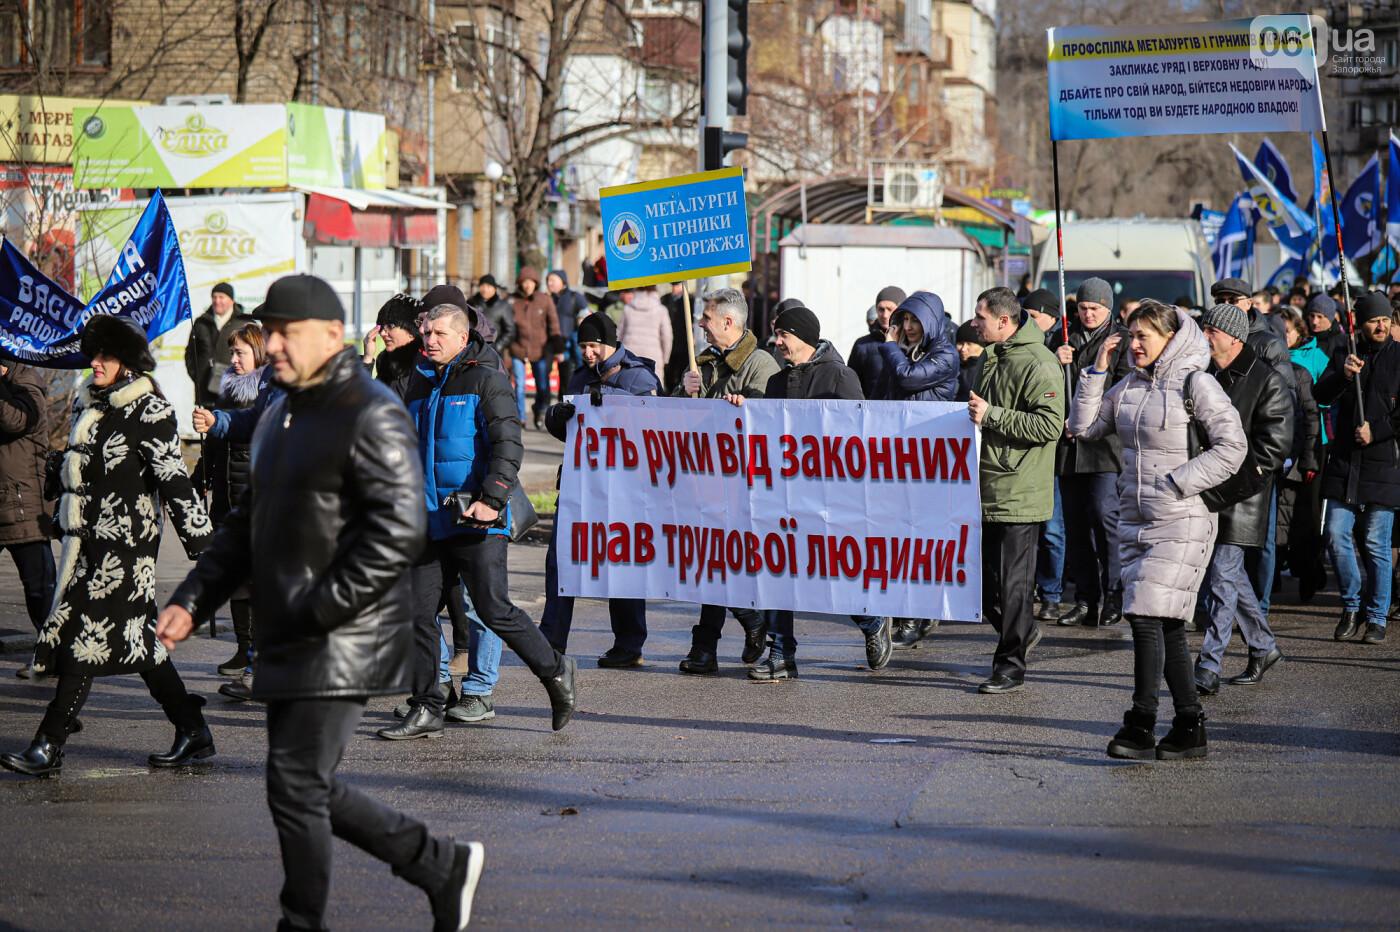 В Запорожье на протестную акцию профсоюзов «Волна гнева» вышло около 2000 человек, - ФОТОРЕПОРТАЖ, фото-7